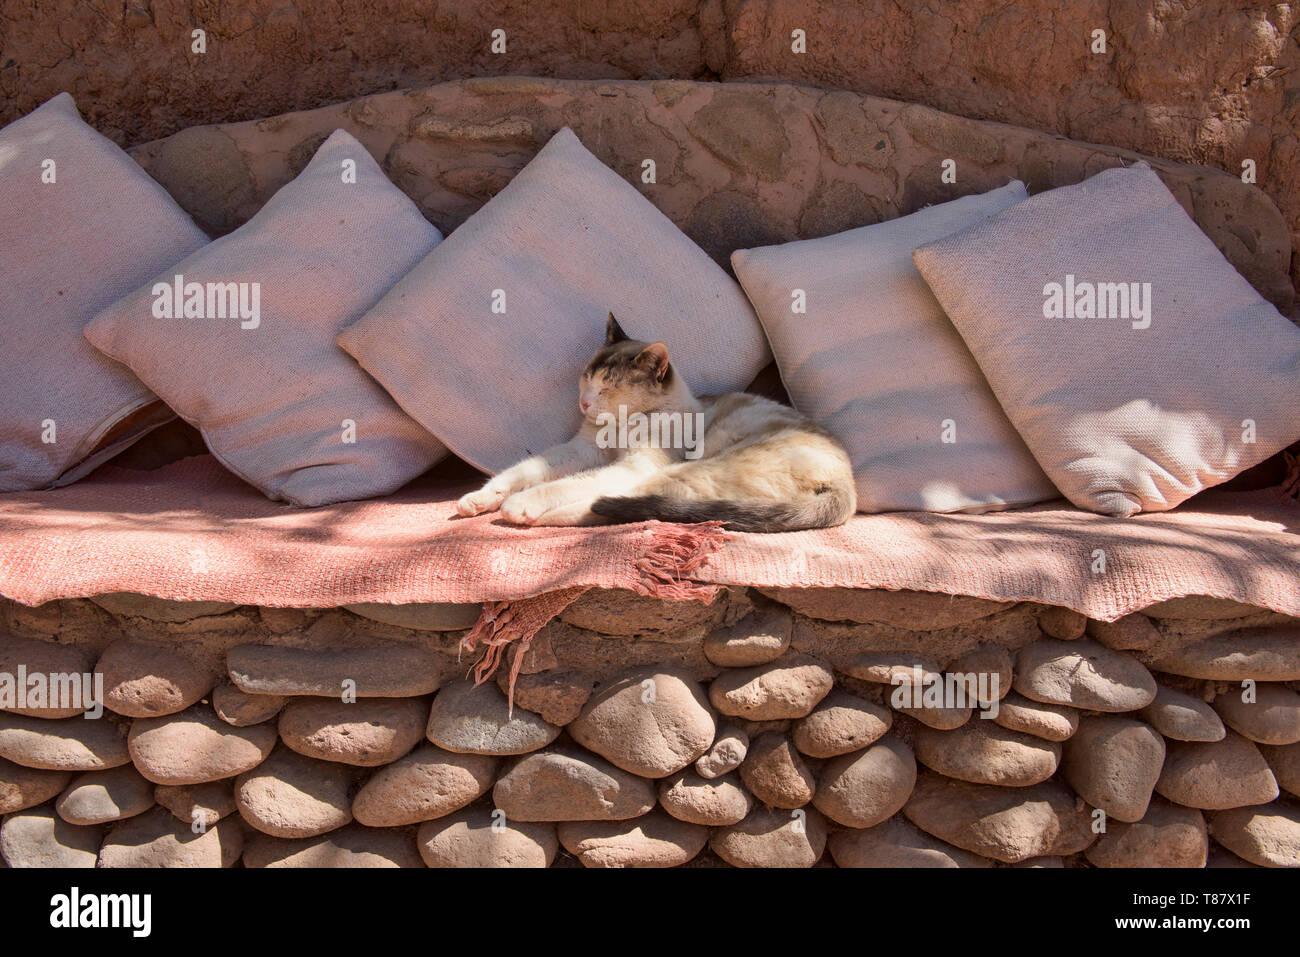 Relaxed cat, San Pedro de Atacama, Chile - Stock Image